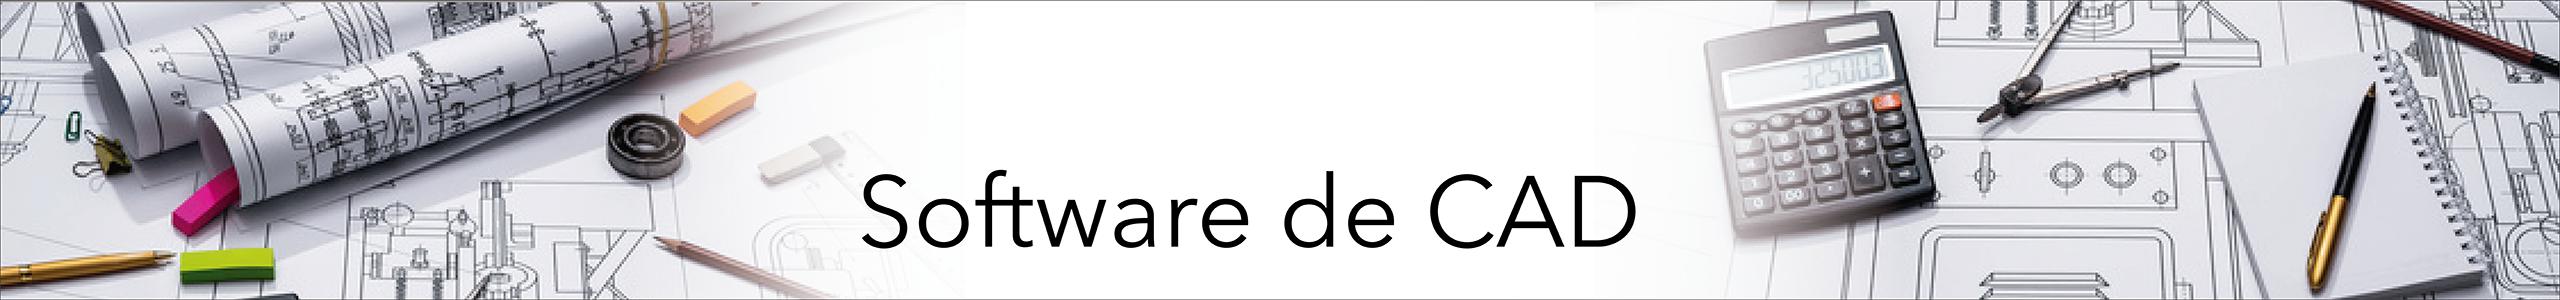 + Software de CAD